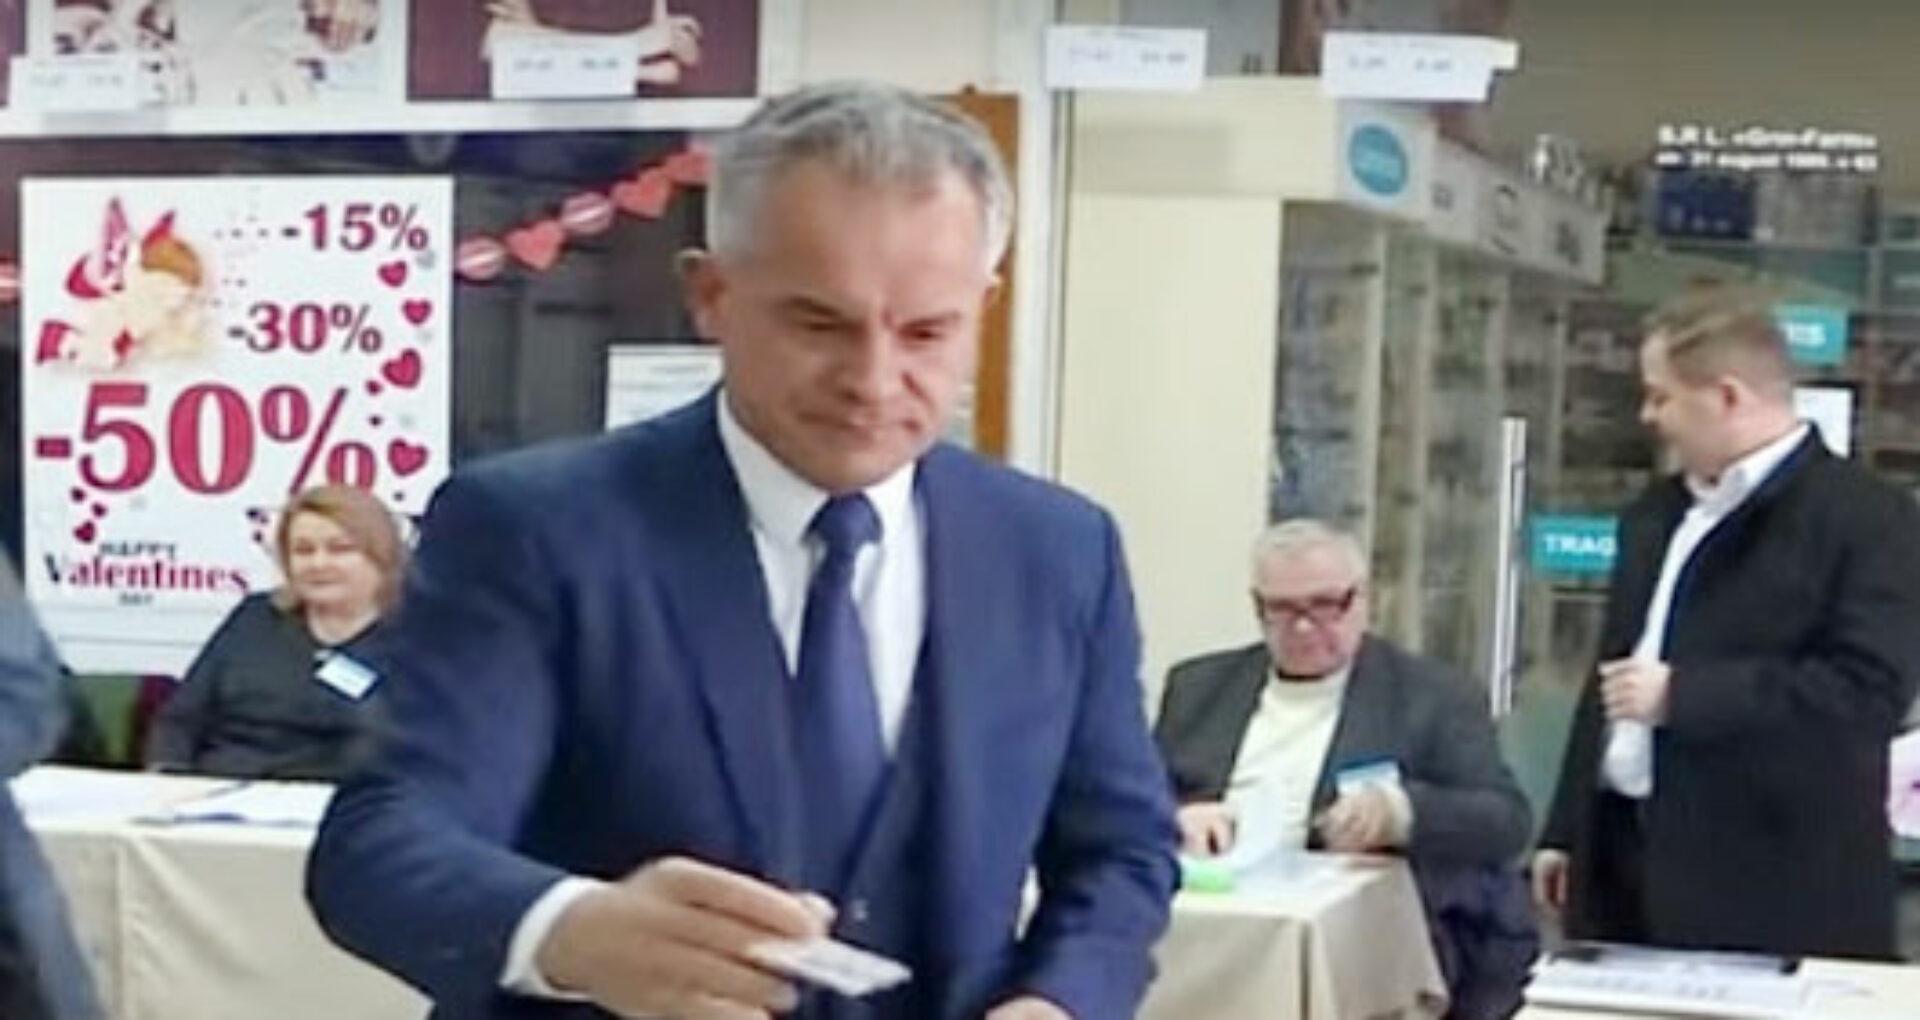 Ultimă oră: PG confirmă că Plahotniuc este în Turcia și cere extrădarea acestuia